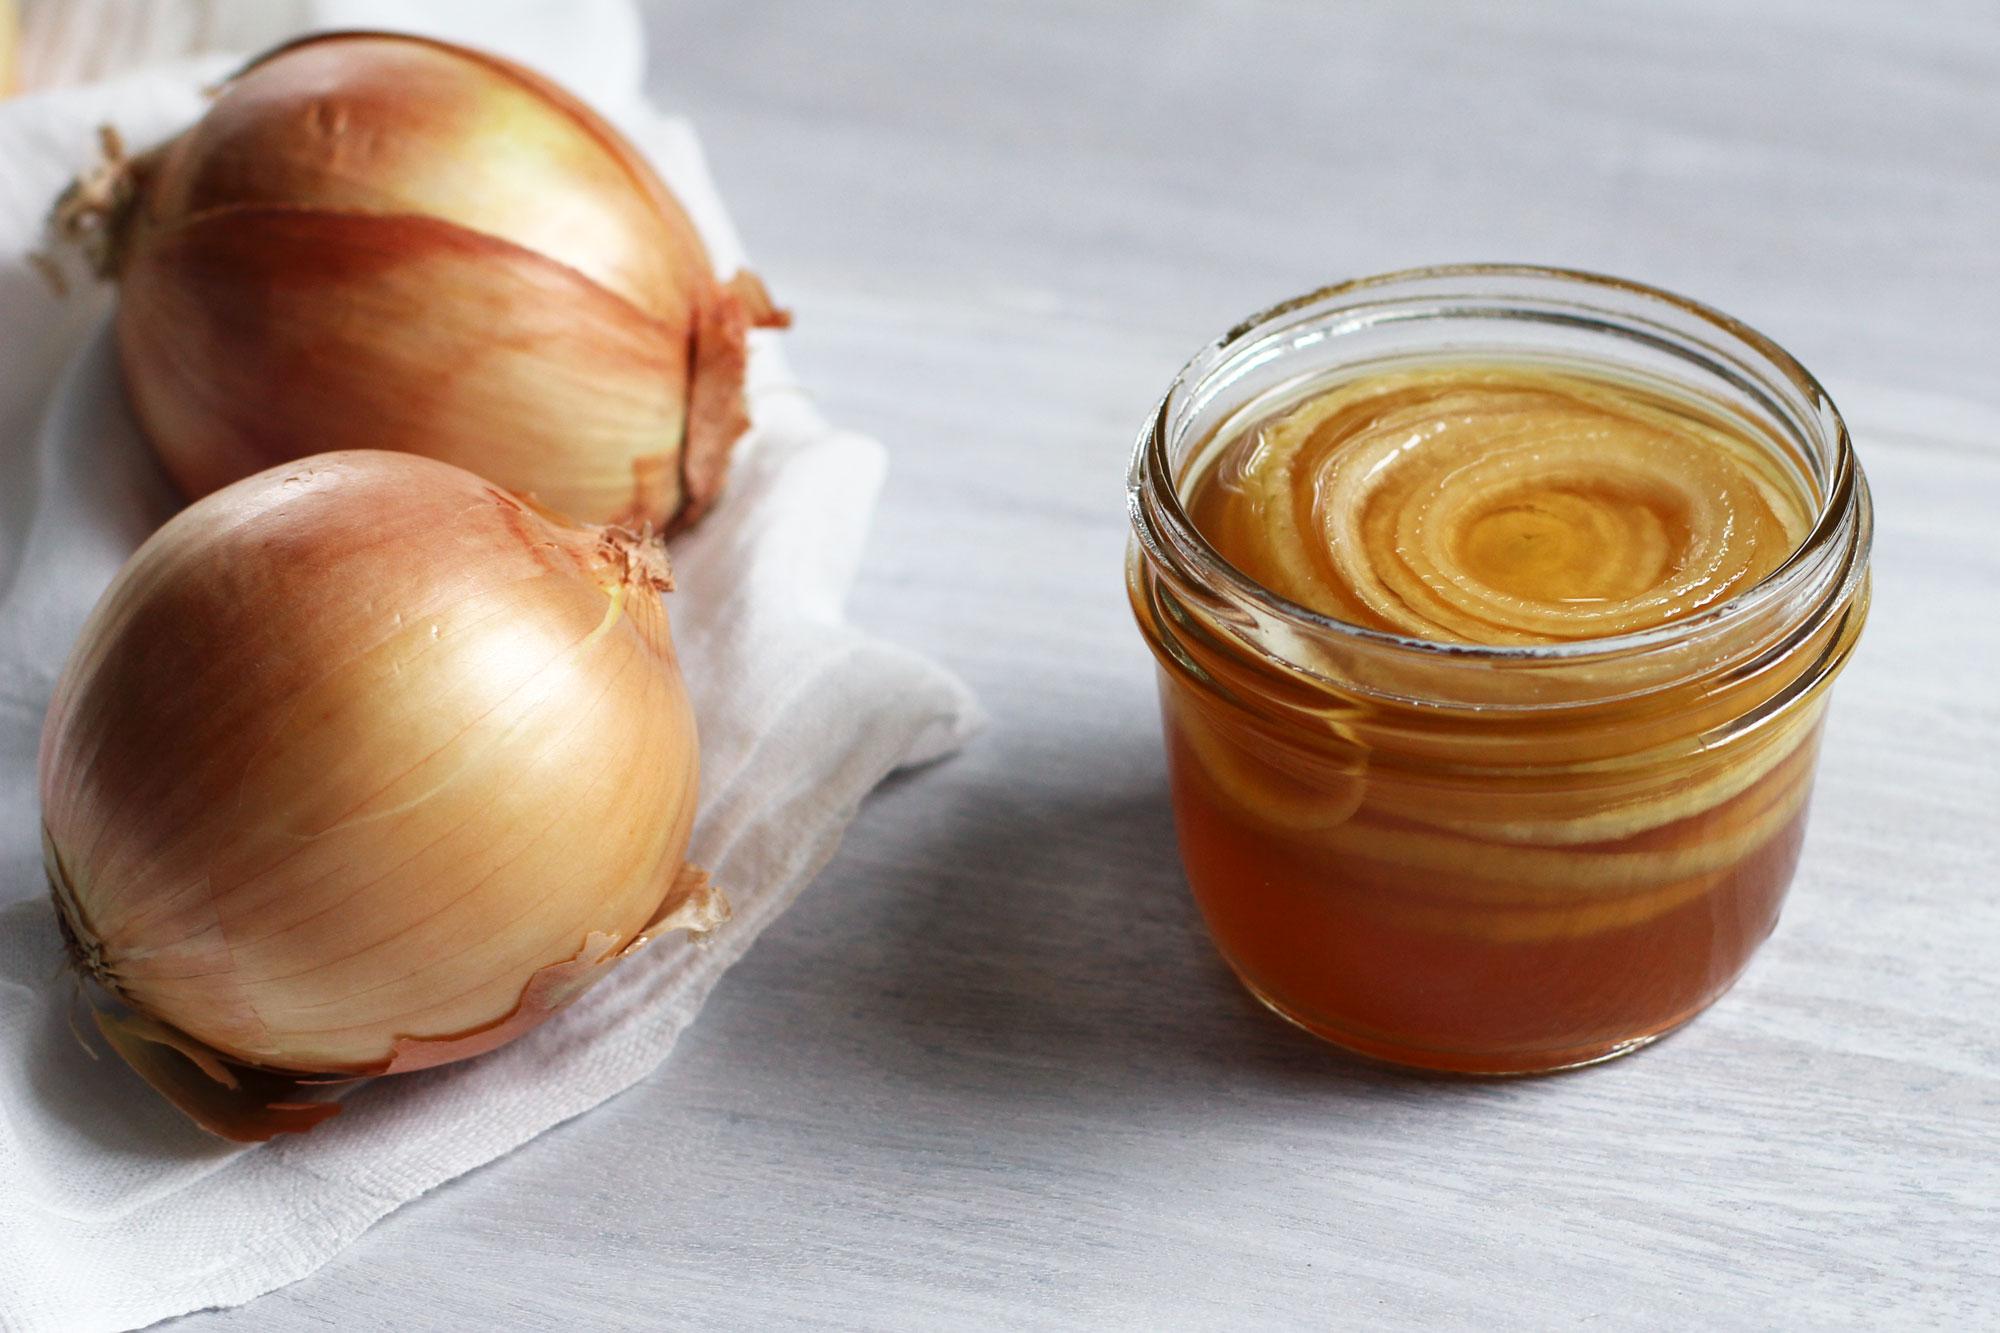 La cebolla como remedios antural para tos